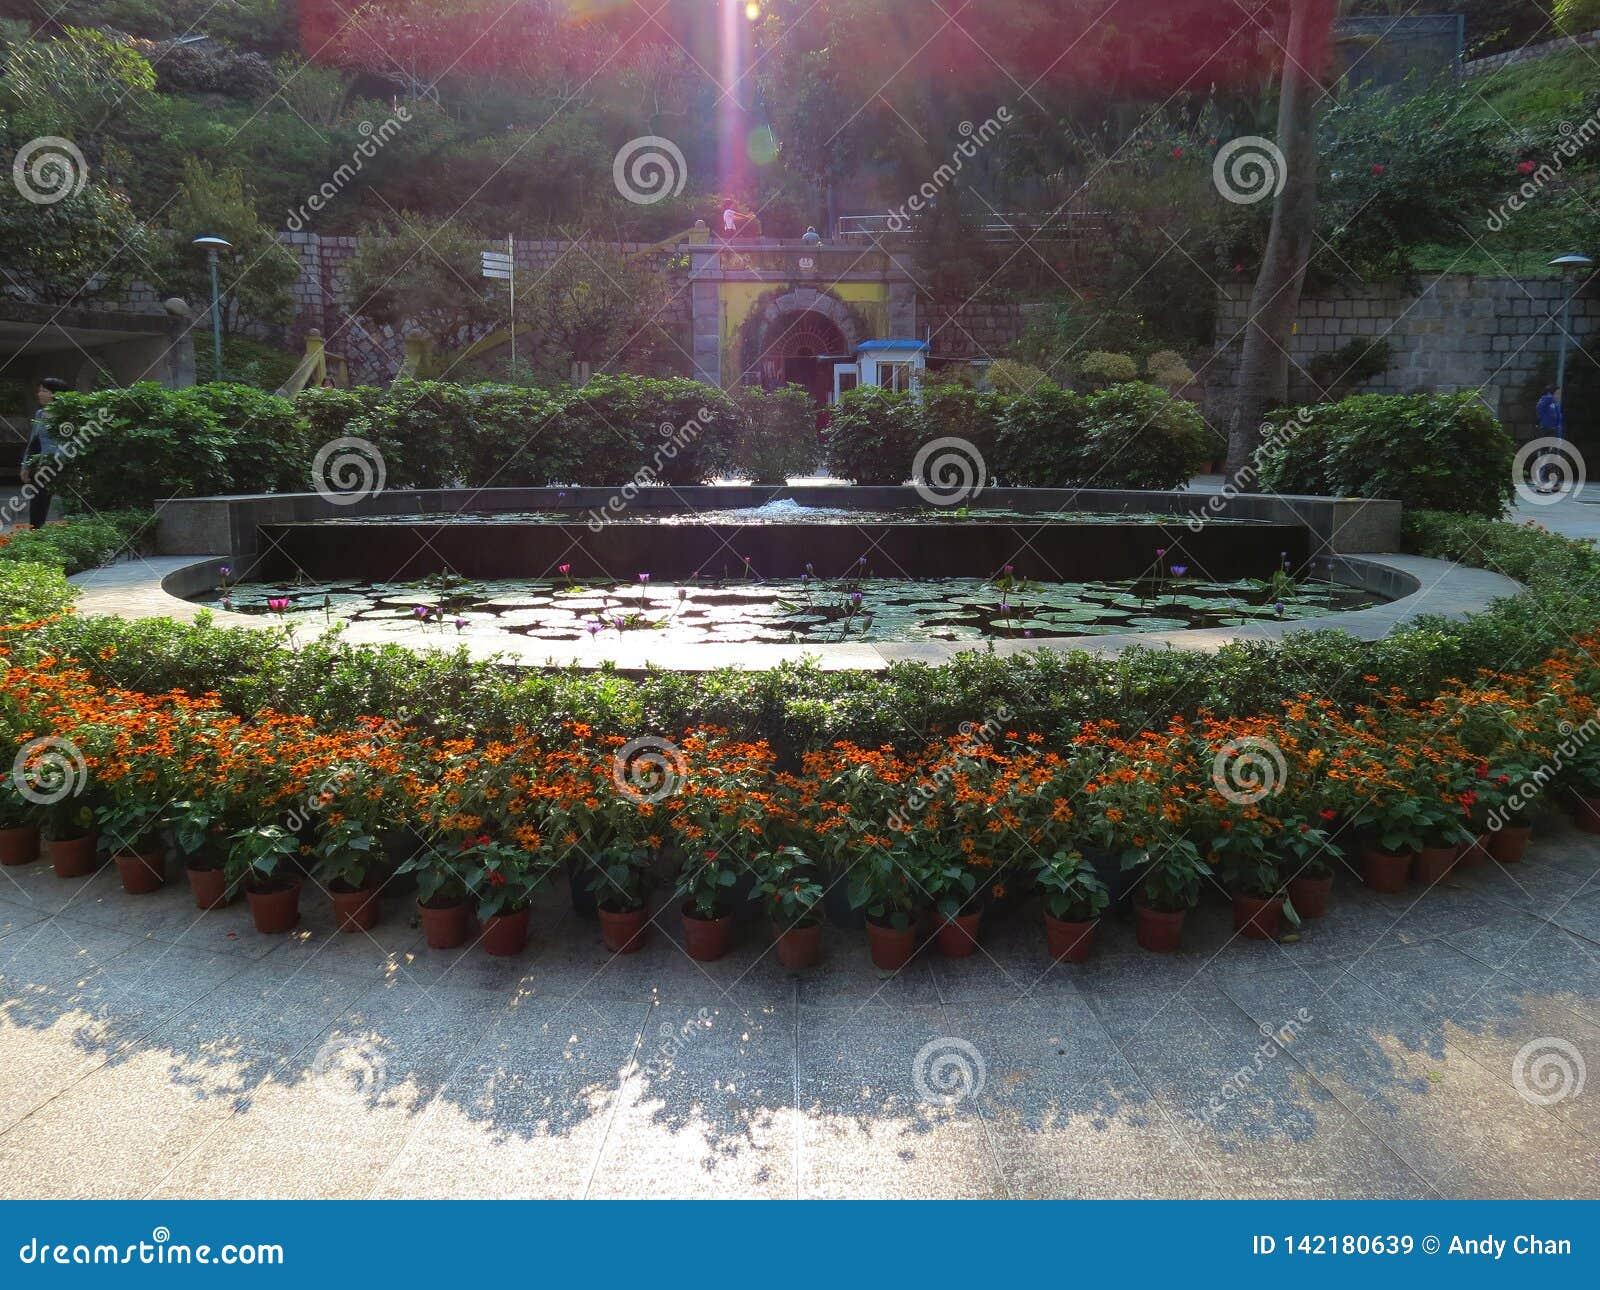 Girasoles y flores de loto que saludan a visitantes en la entrada de un parque local